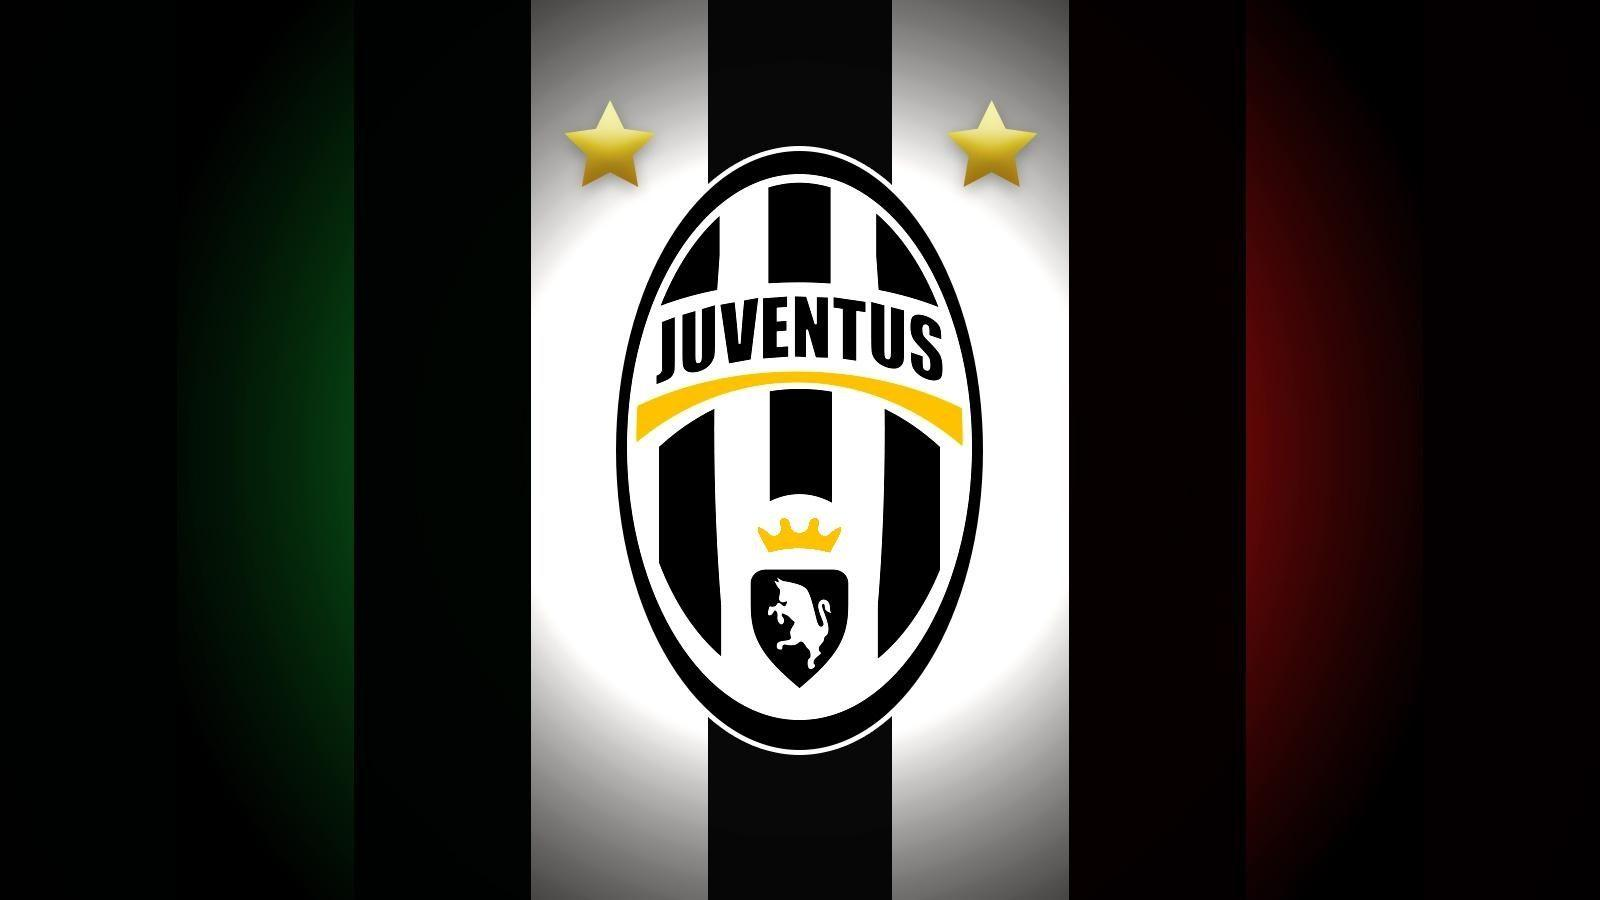 Juventus Wallpaper HD - WallpaperSafari